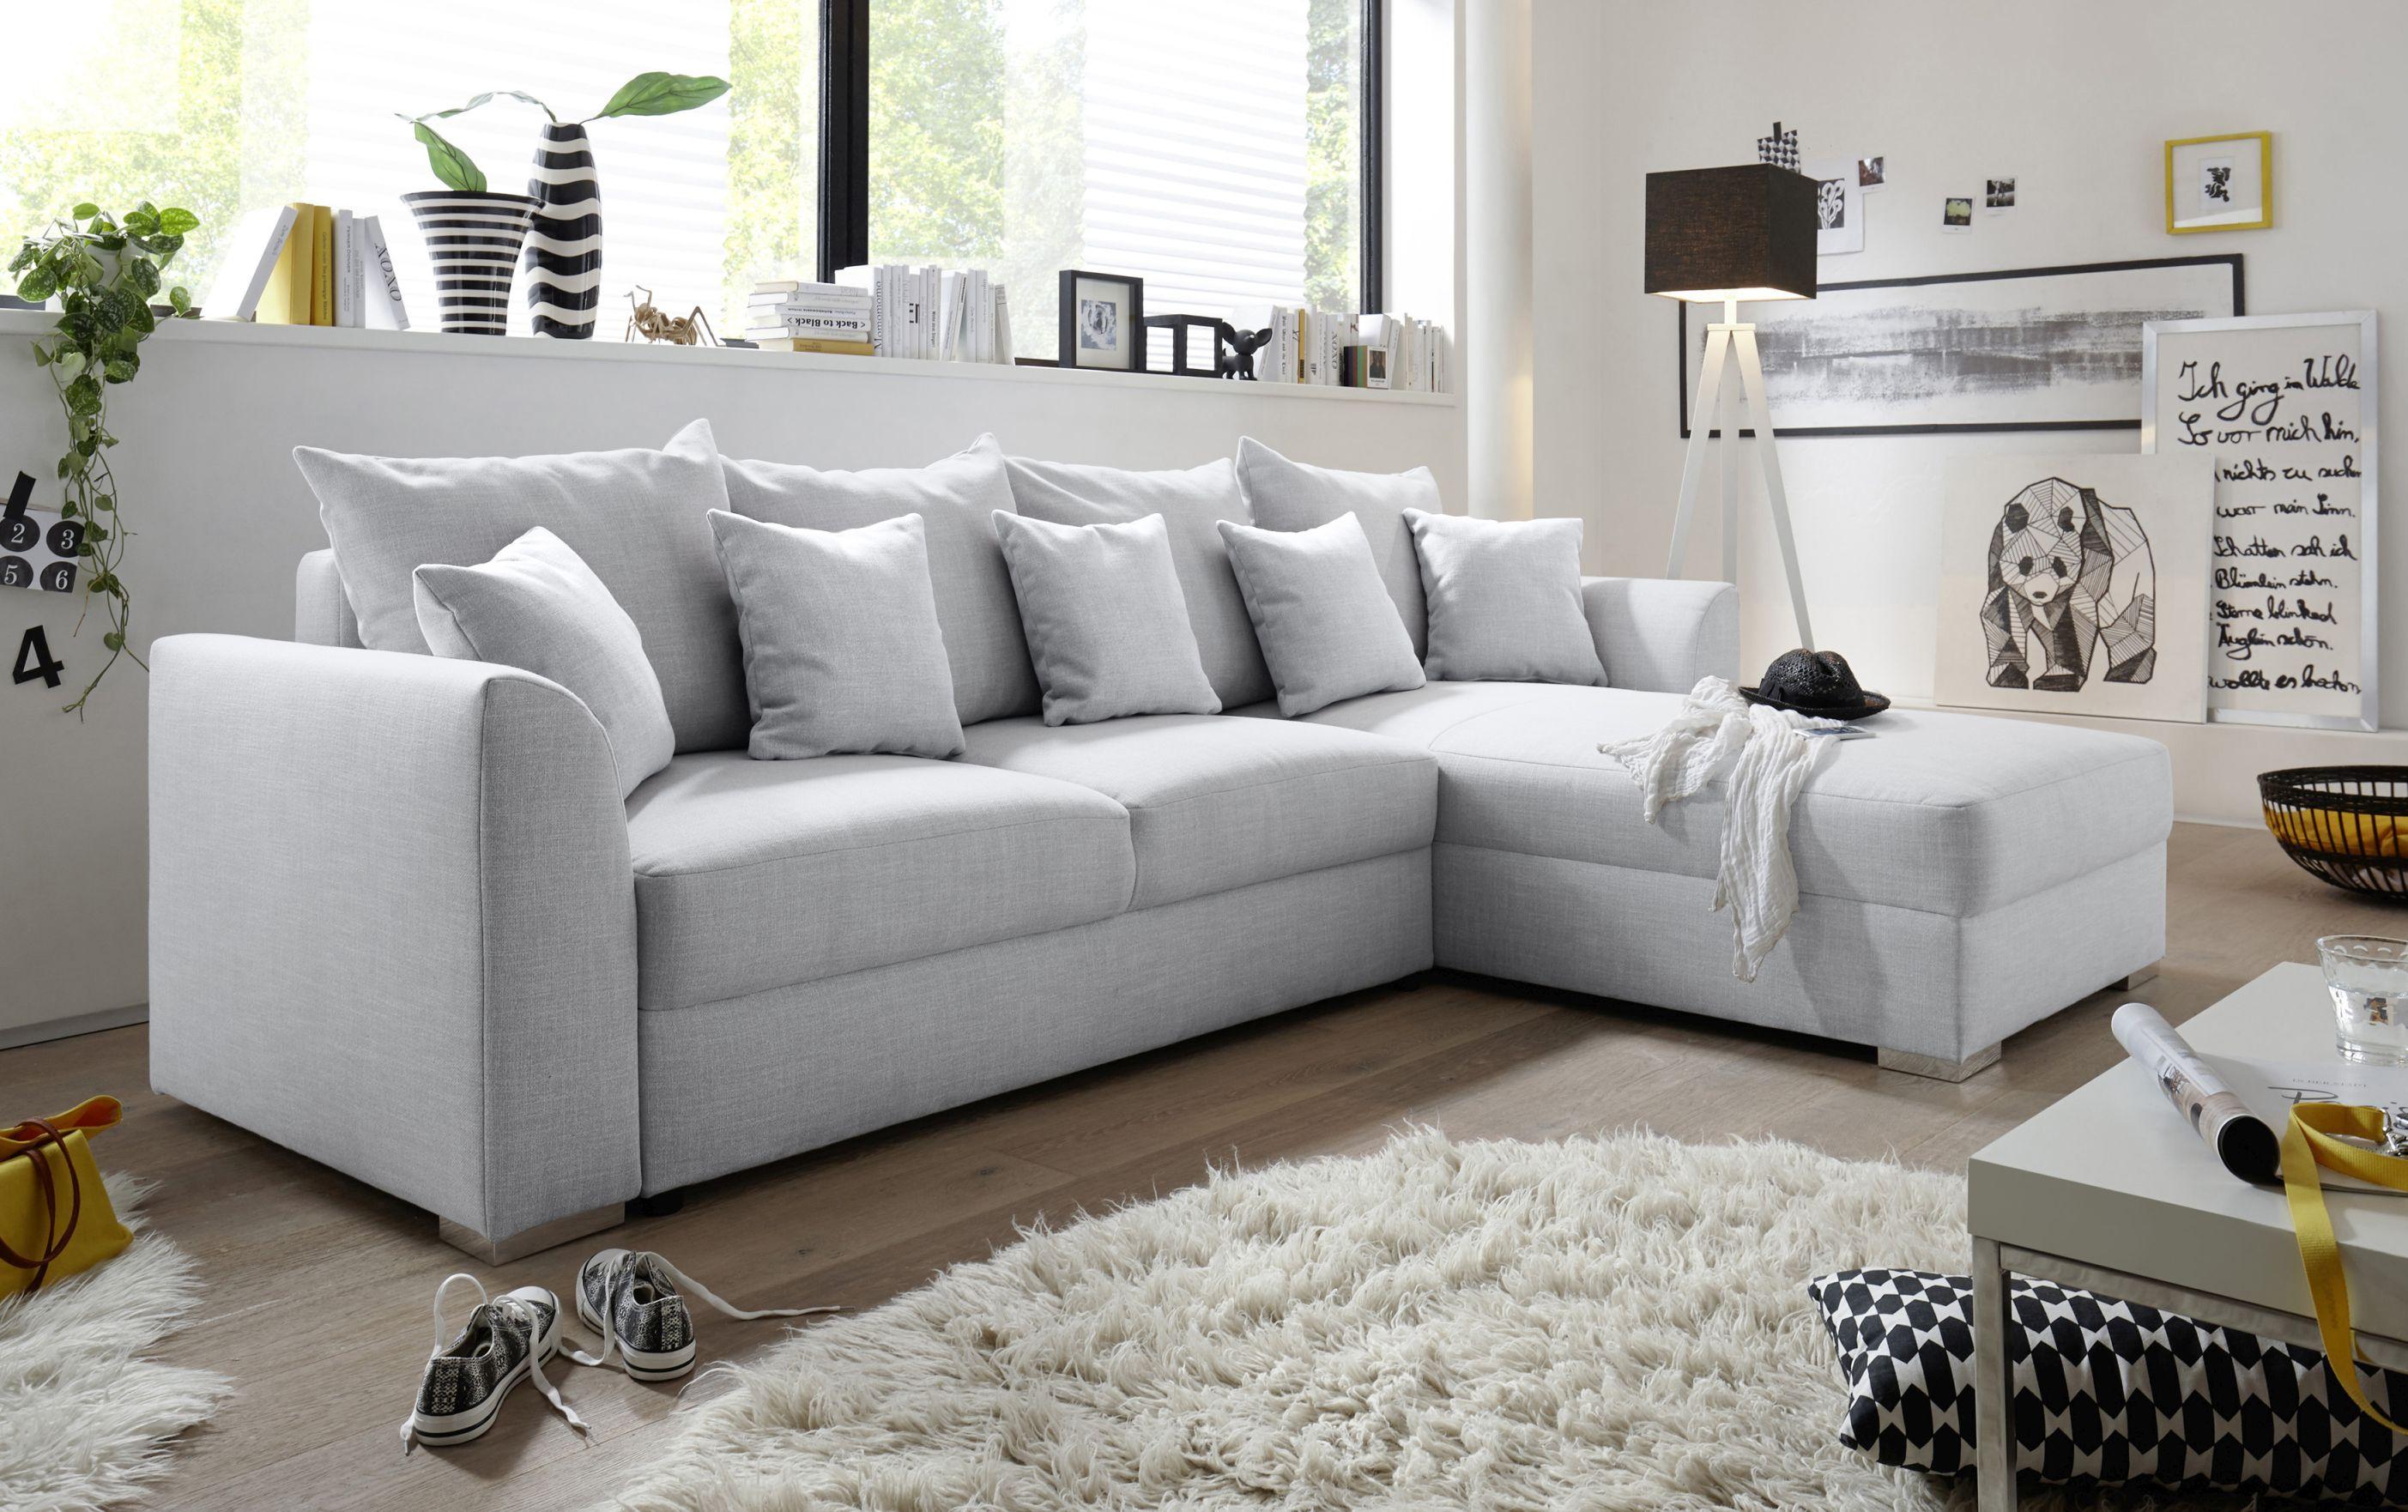 Couch Sofa Eckcouch Ecksofa Schlafsofa Schlafcouch Wohnlandschaft